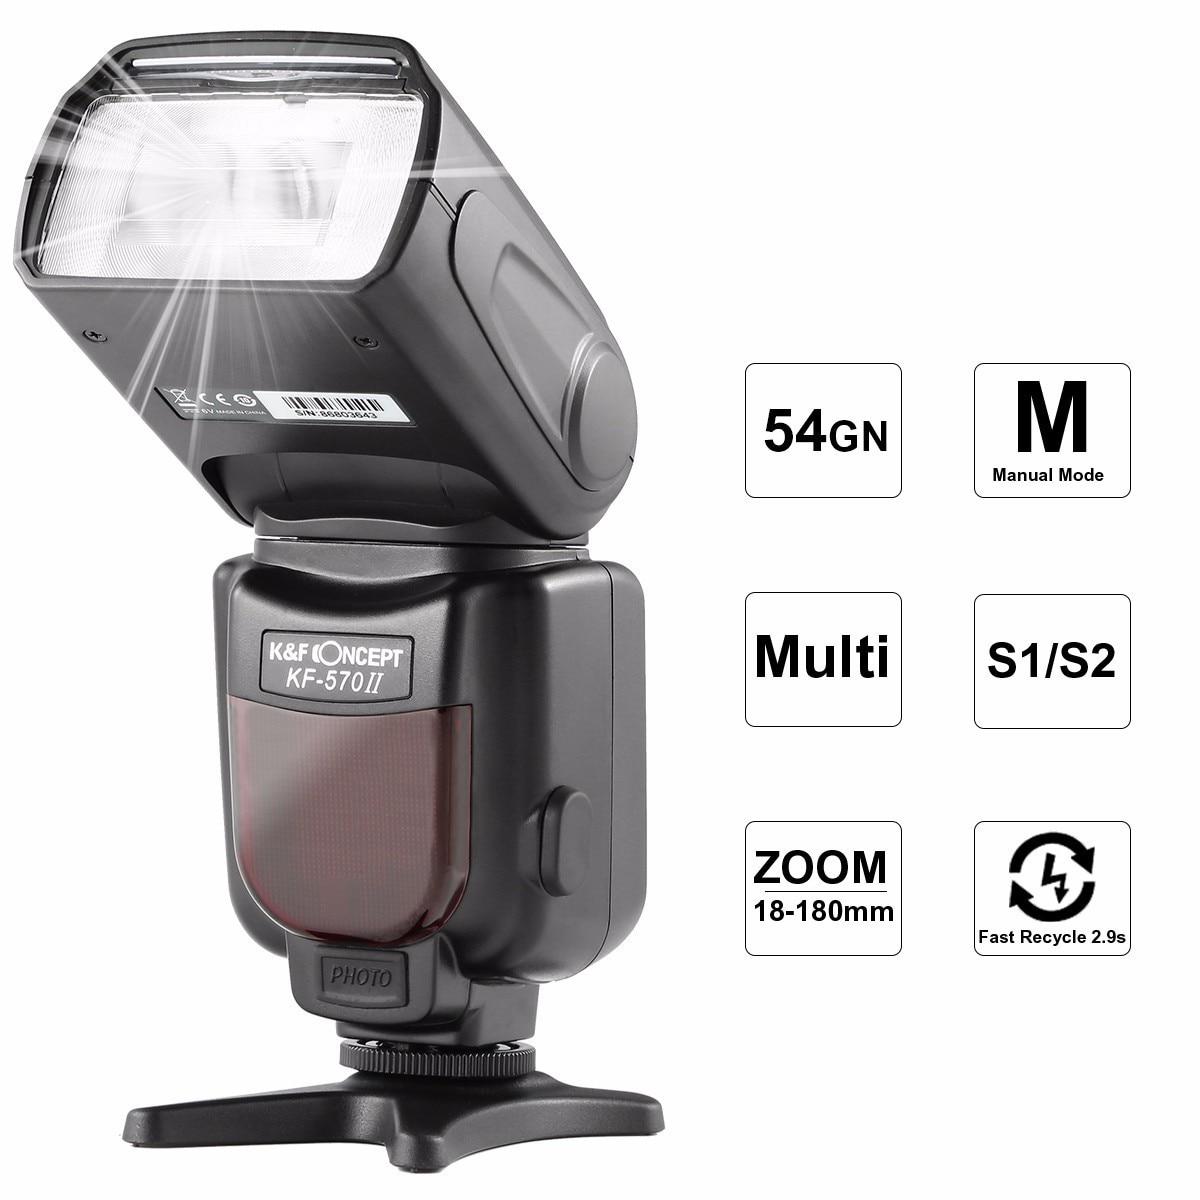 K & f concept kf-570 ii kamera wireless high speed flash speedlite - Kamera und Foto - Foto 2